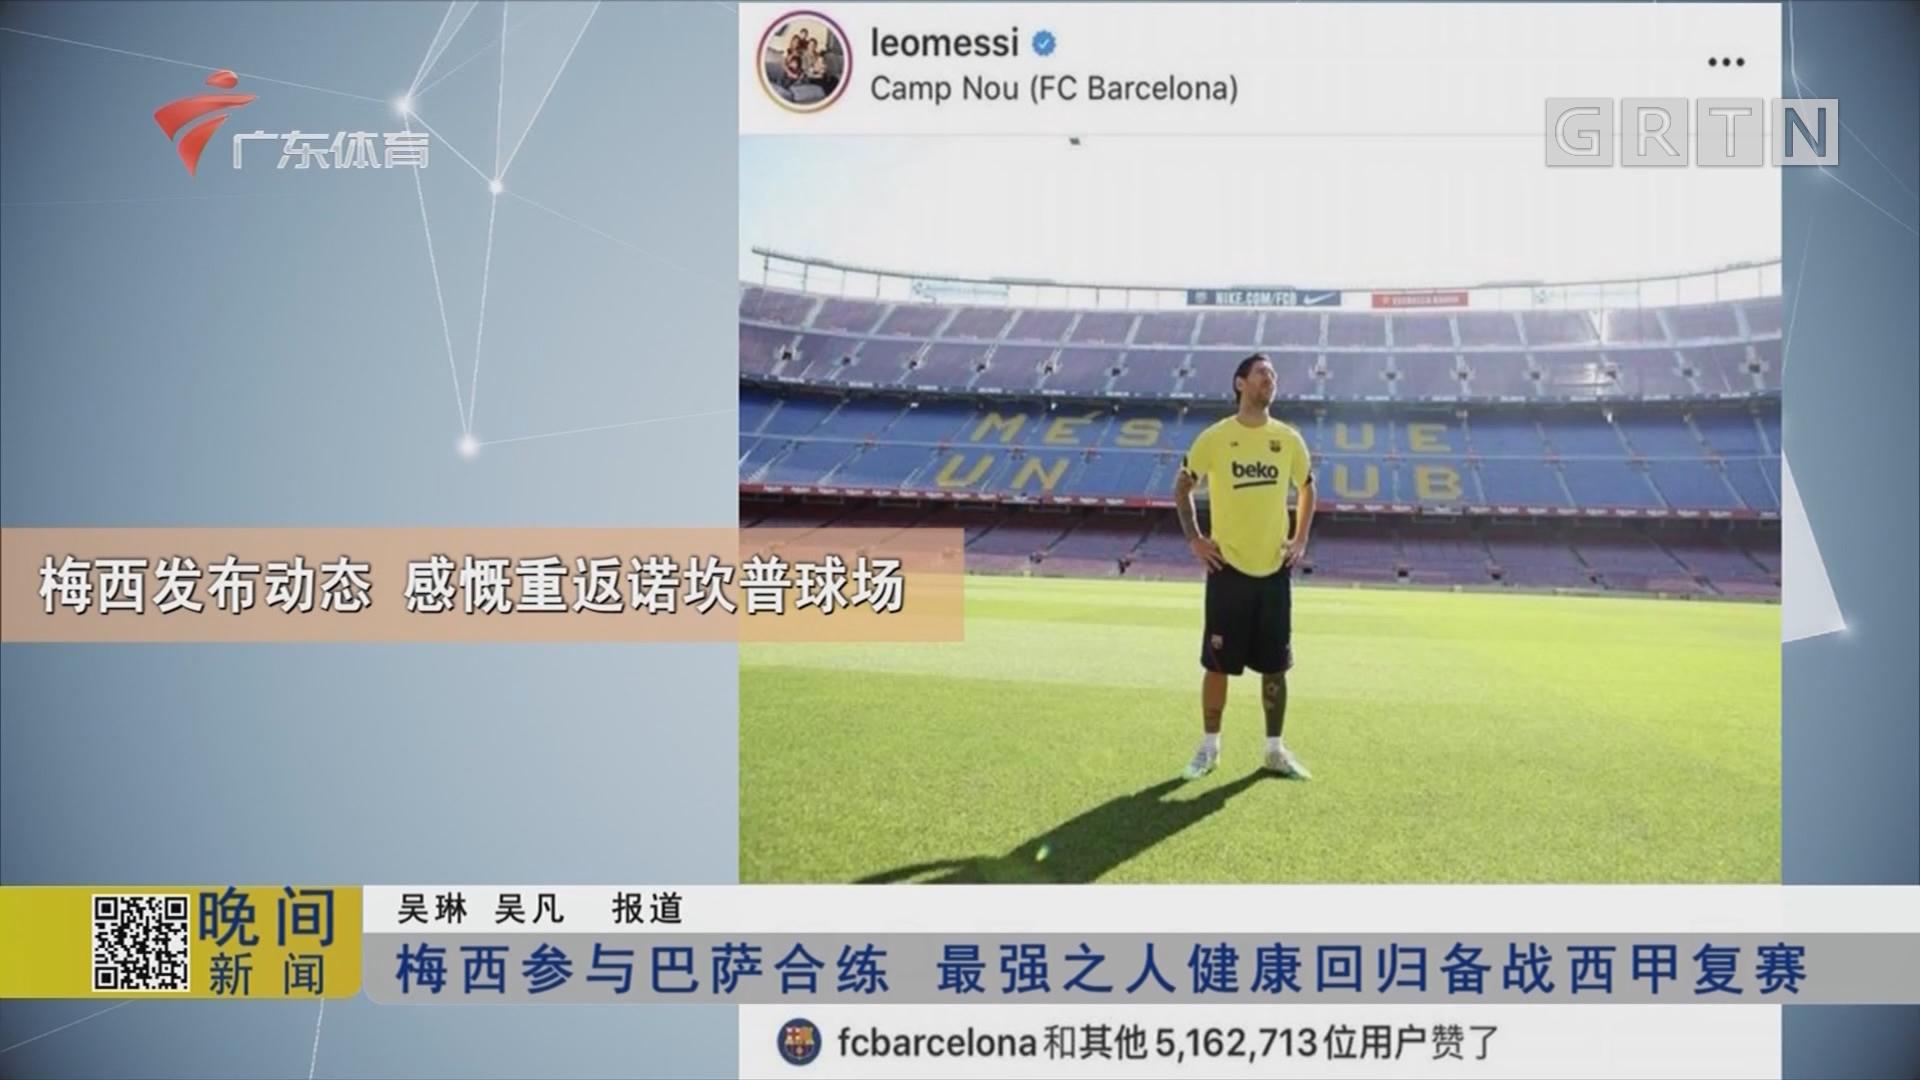 梅西参与巴萨合练 最强之人健康回归备战西甲复赛